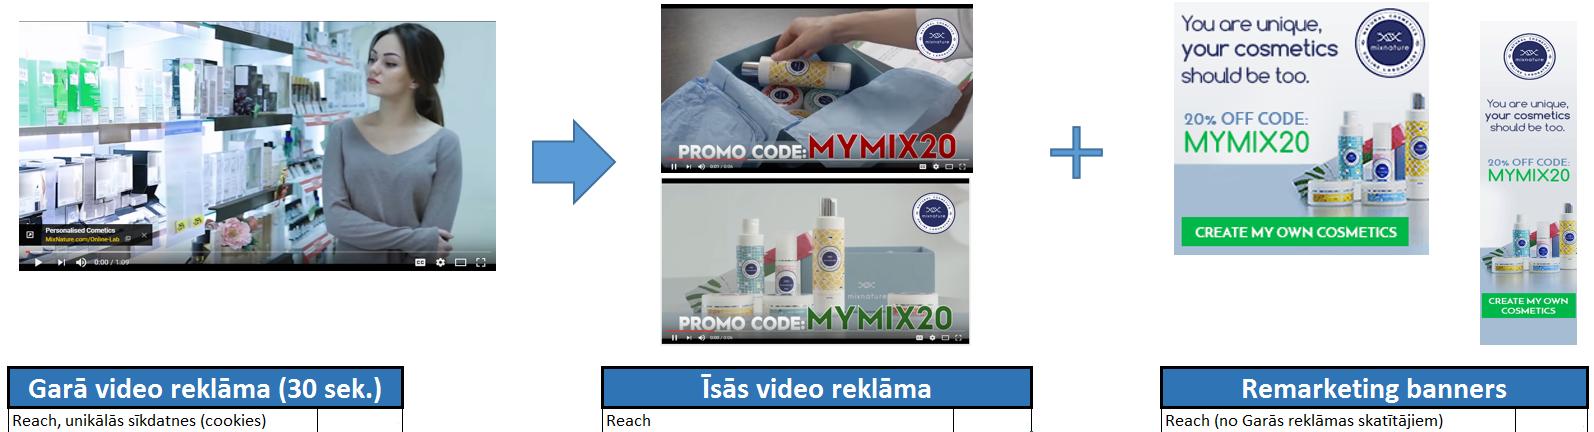 YouTube video reklāmas iespējas - gara reklāma + Remārketings